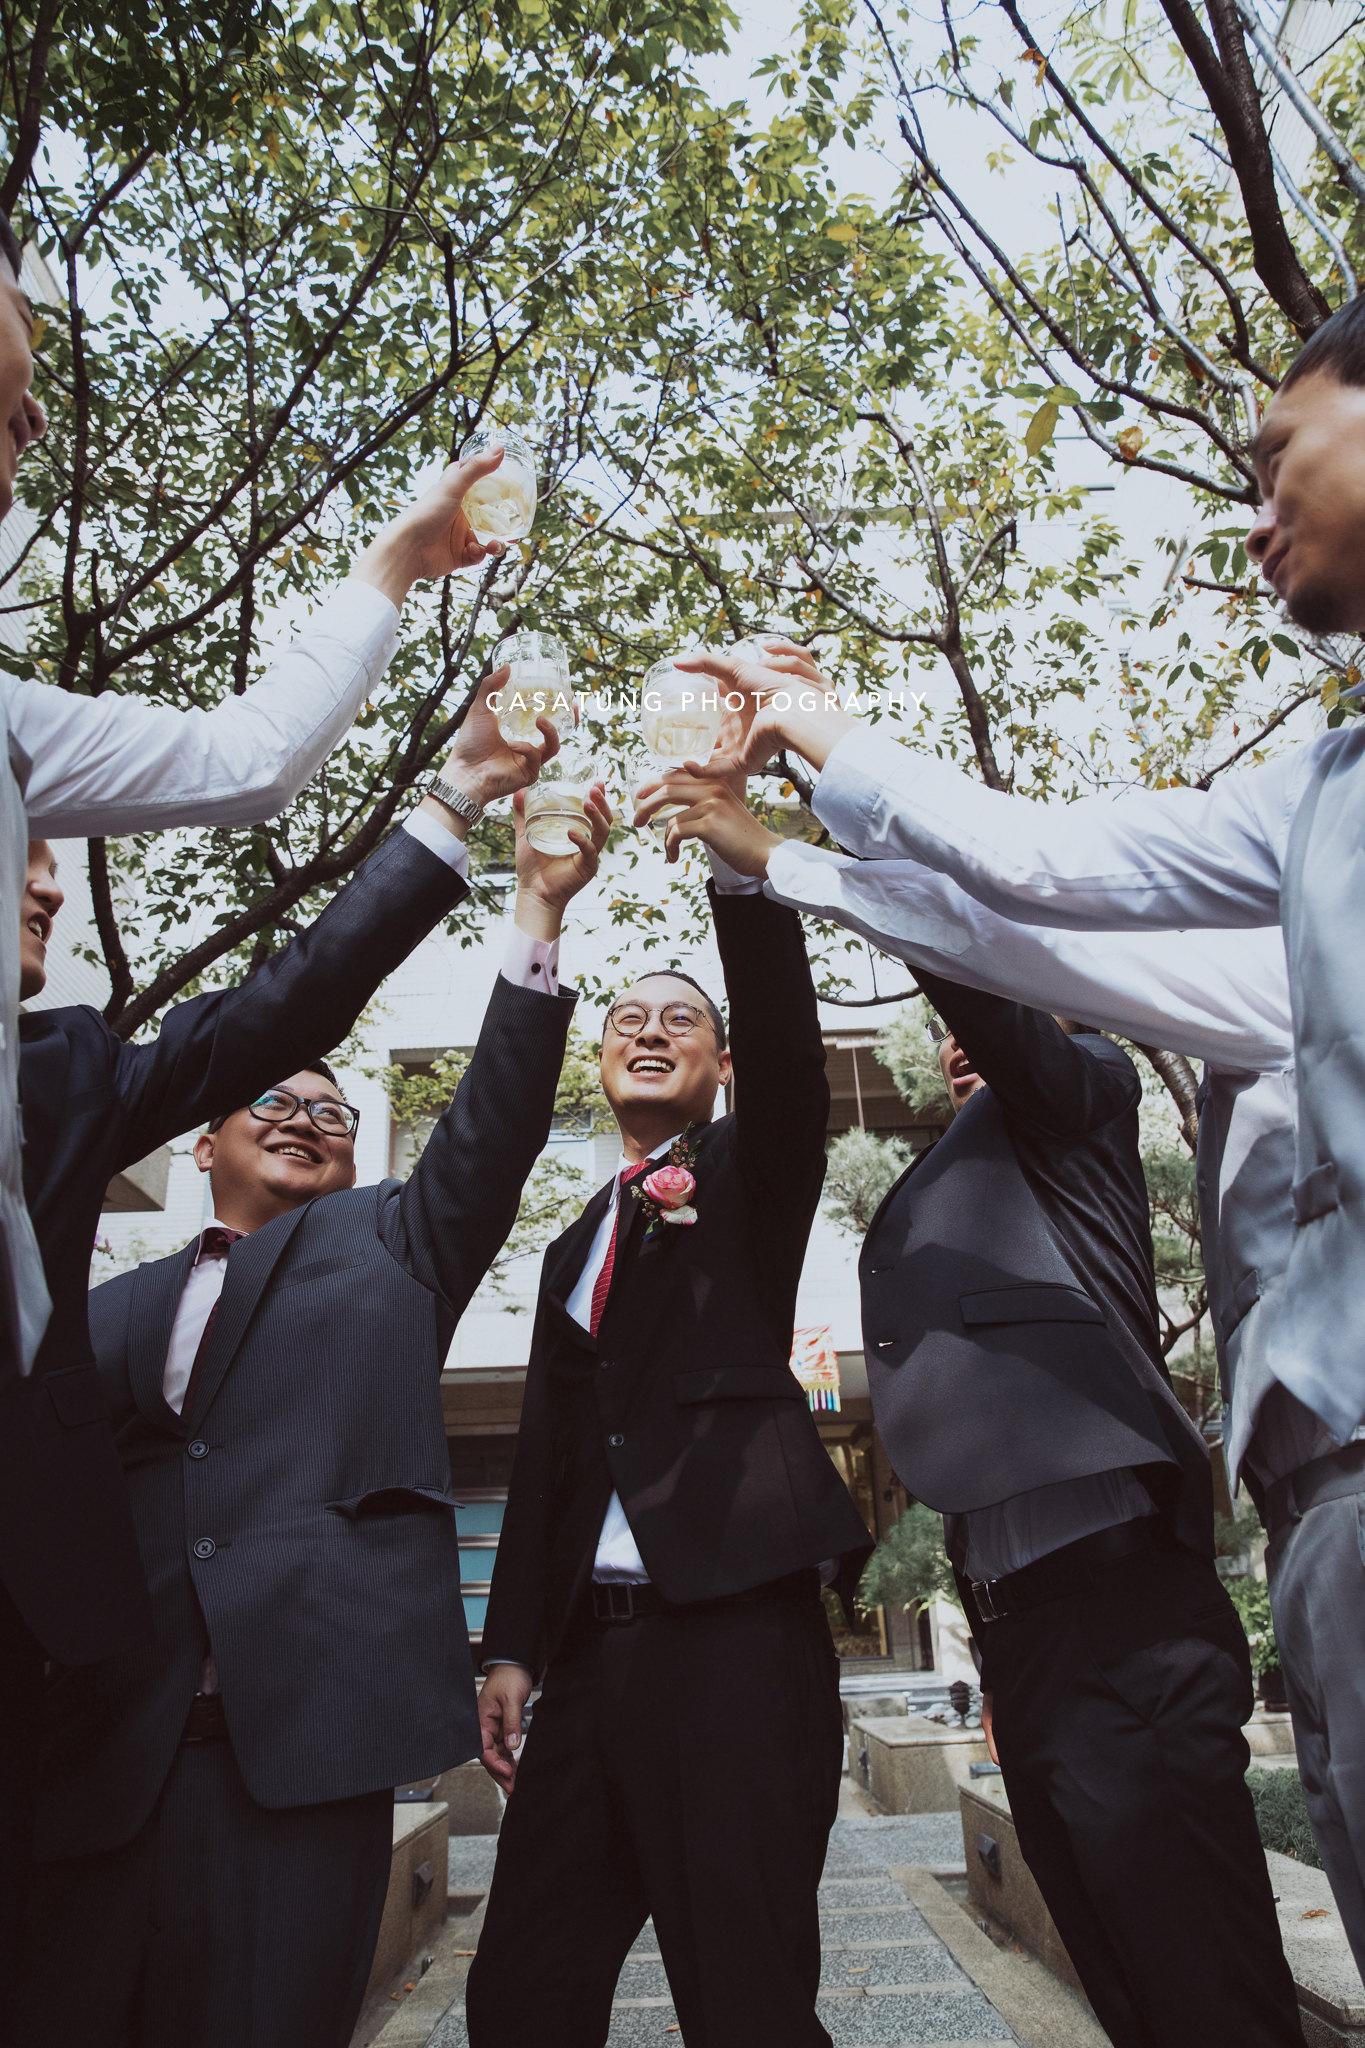 台中自助婚紗,旋轉木馬,casatung,心之芳庭,婚攝casa-125